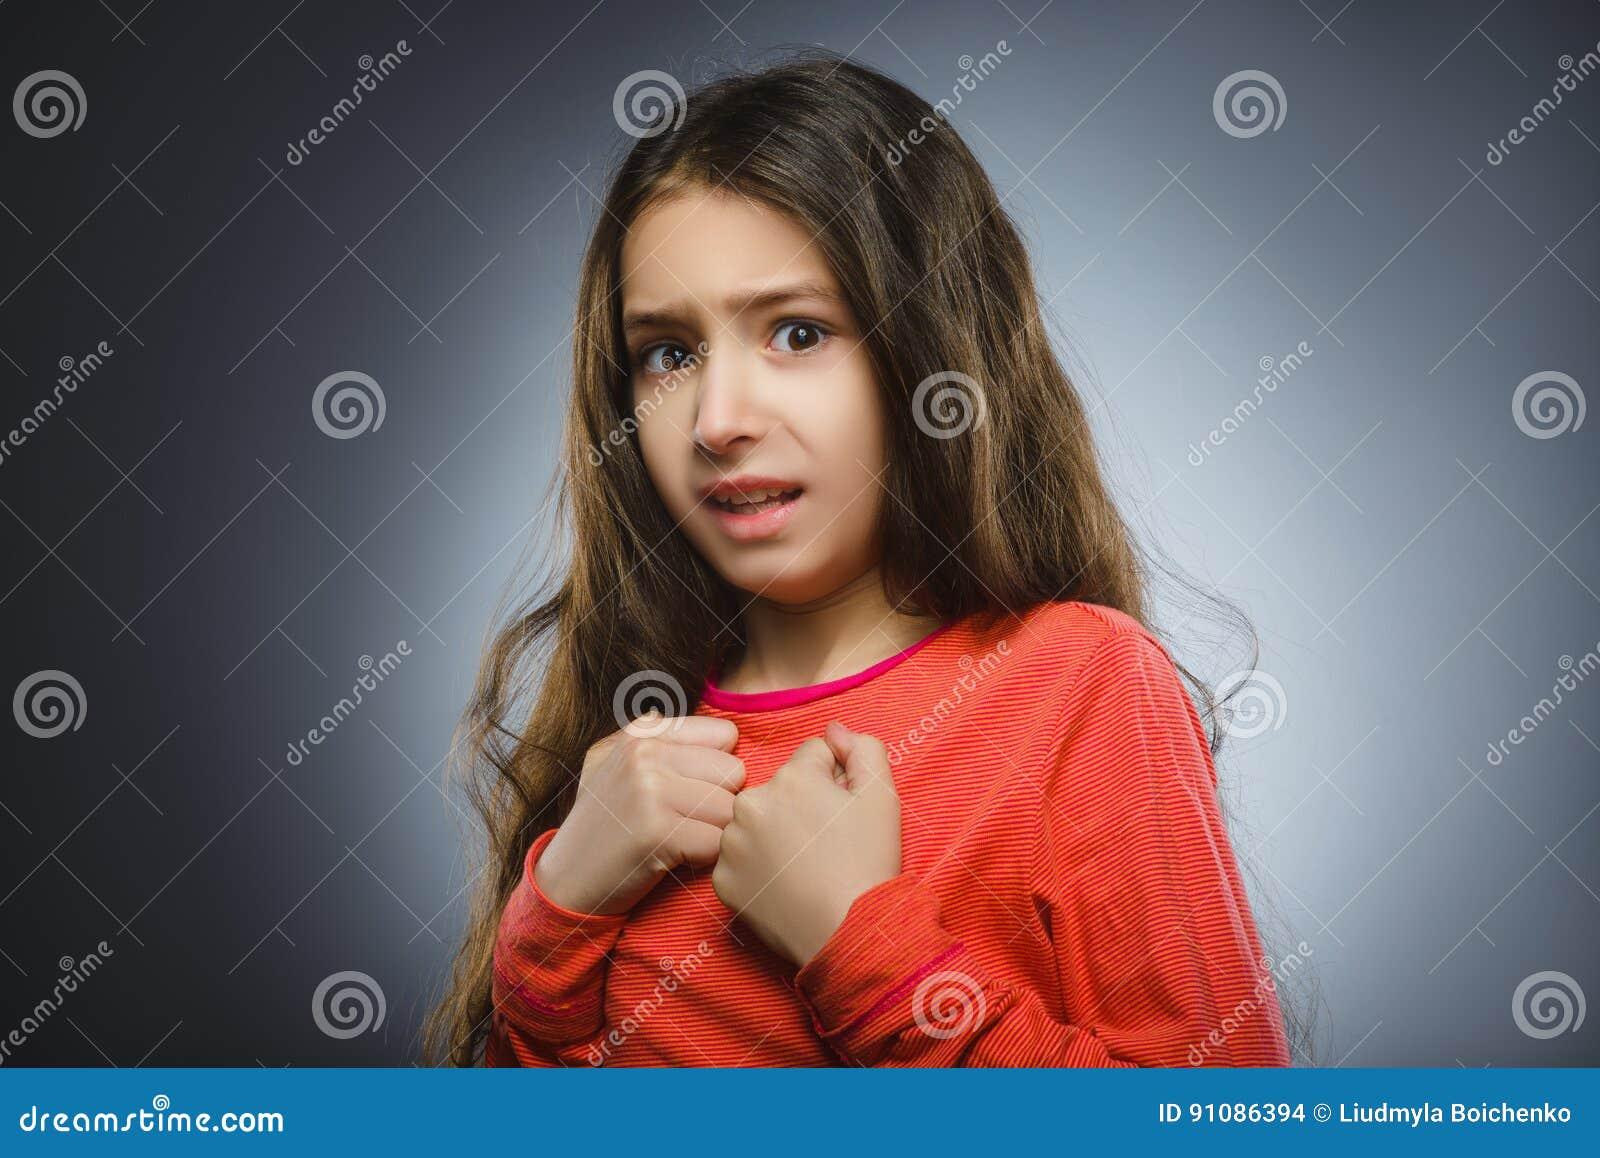 Маленькая девочка крупного плана вспугнутая и сотрясенная Человеческое выражение стороны эмоции